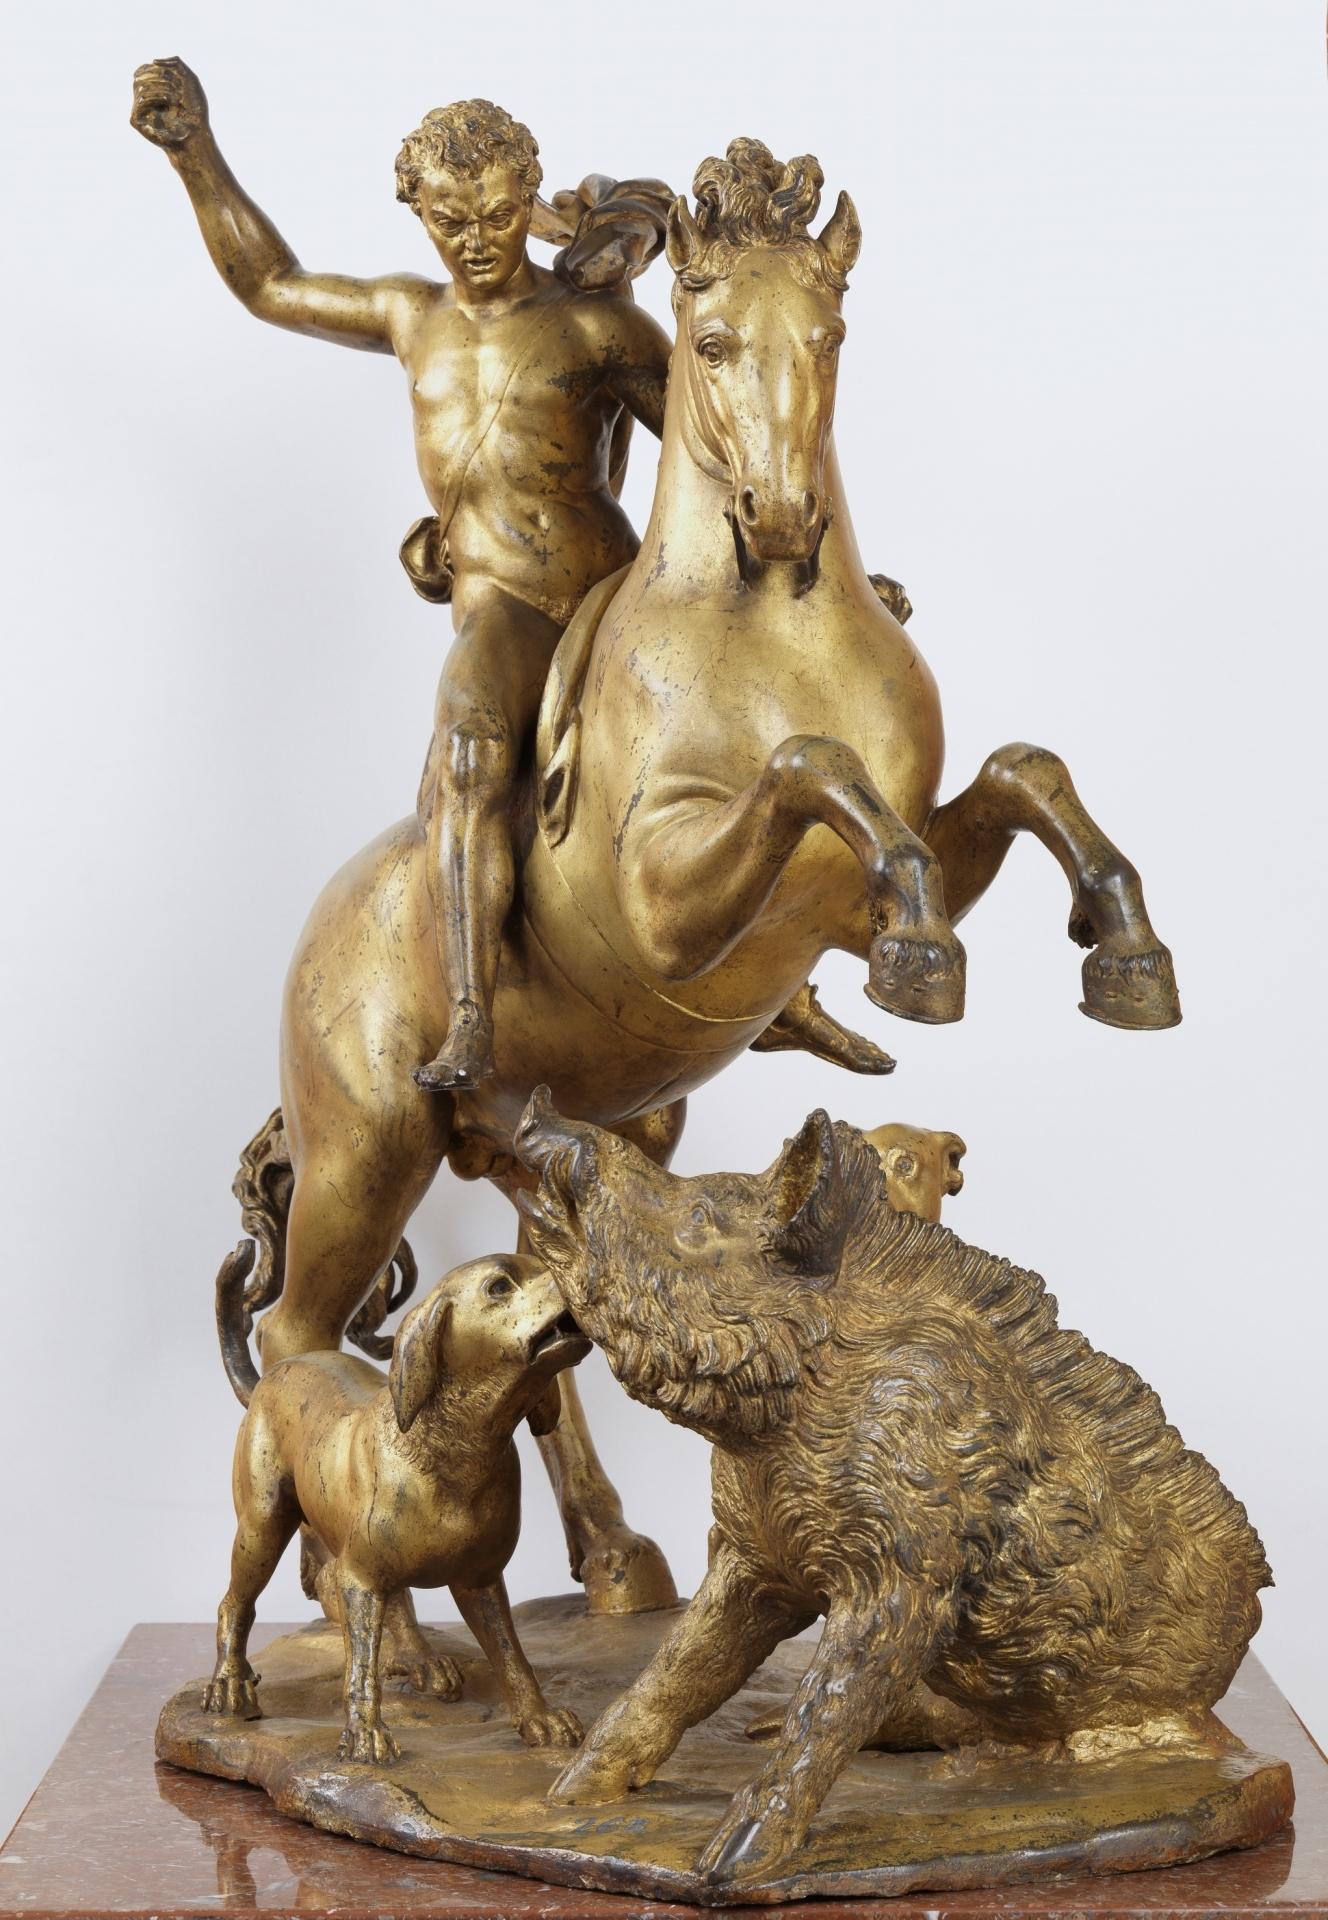 Meleagrus' Hunt statuette, 1583-4, Giovanni di Benedetto Bandini, Florence/Urbino, Italy